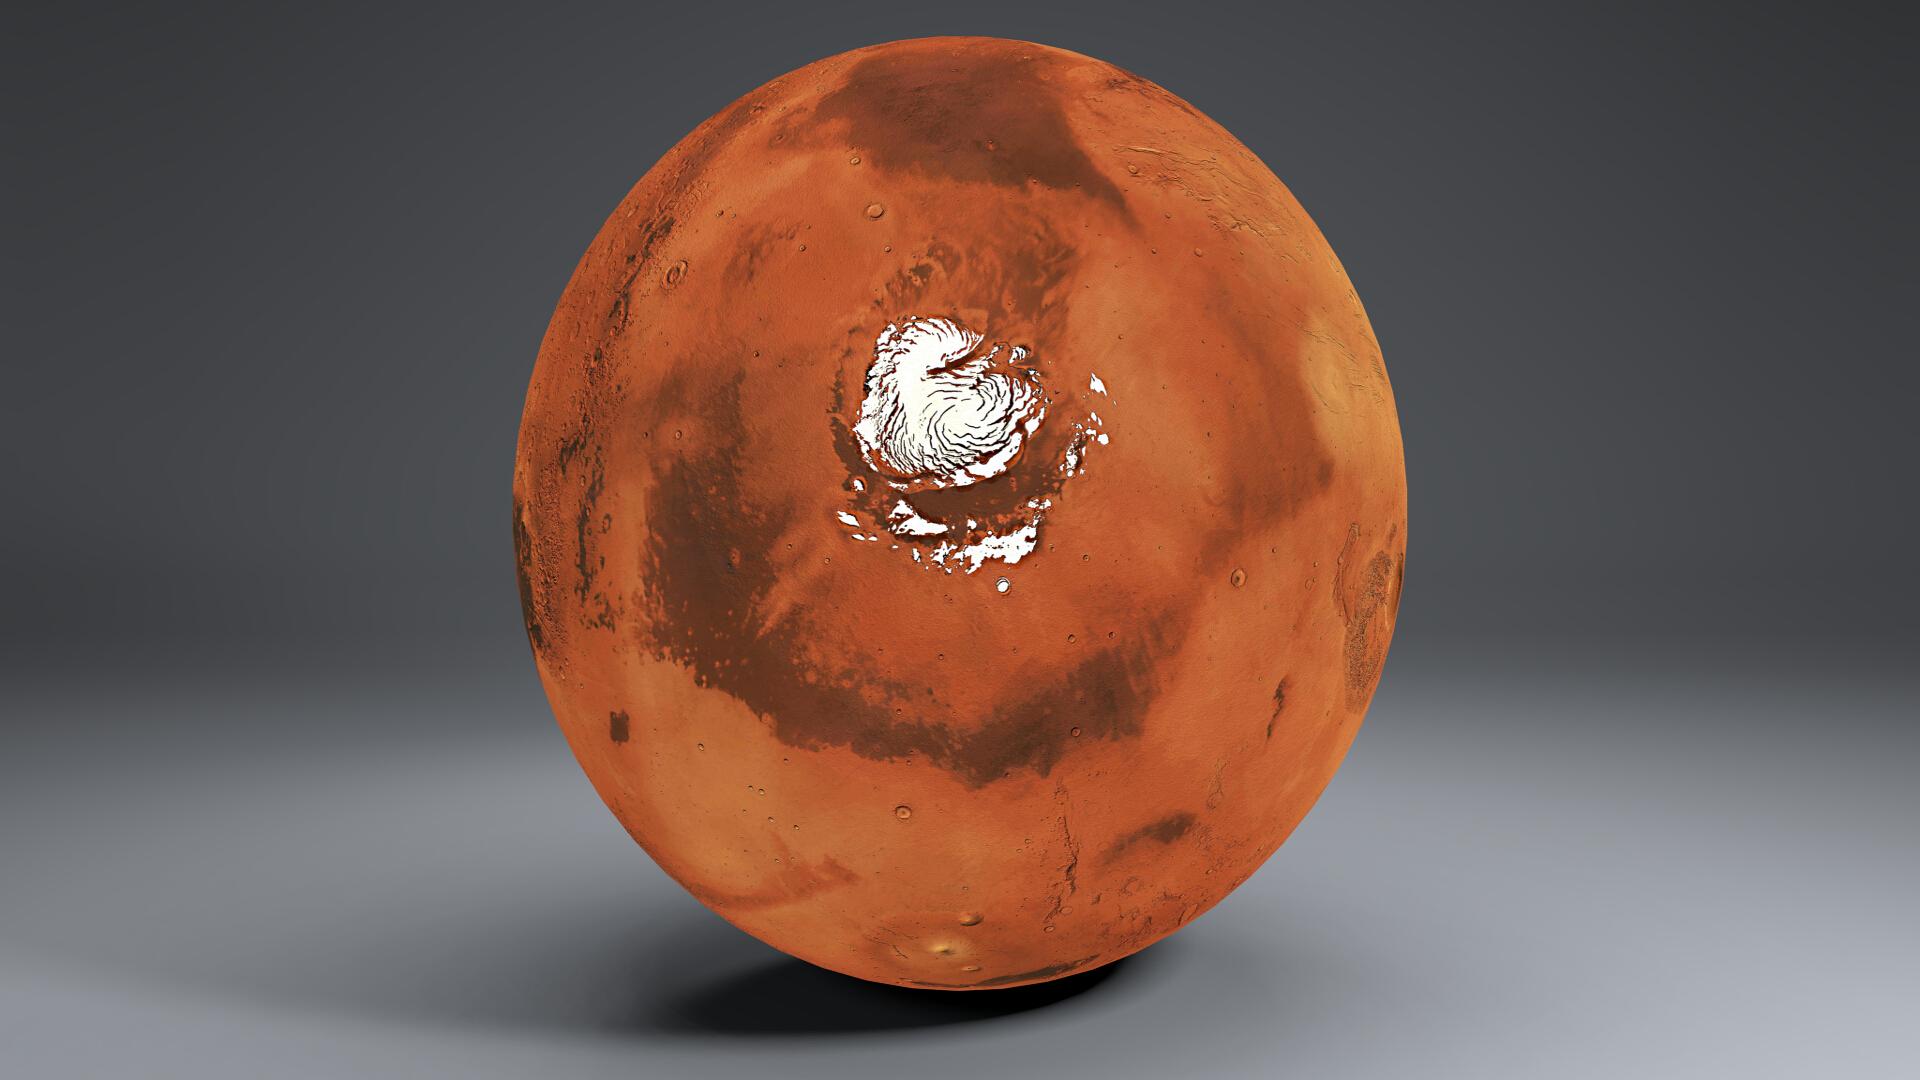 Mars 8k globe 3d model 3ds fbx qarışığı da 223132